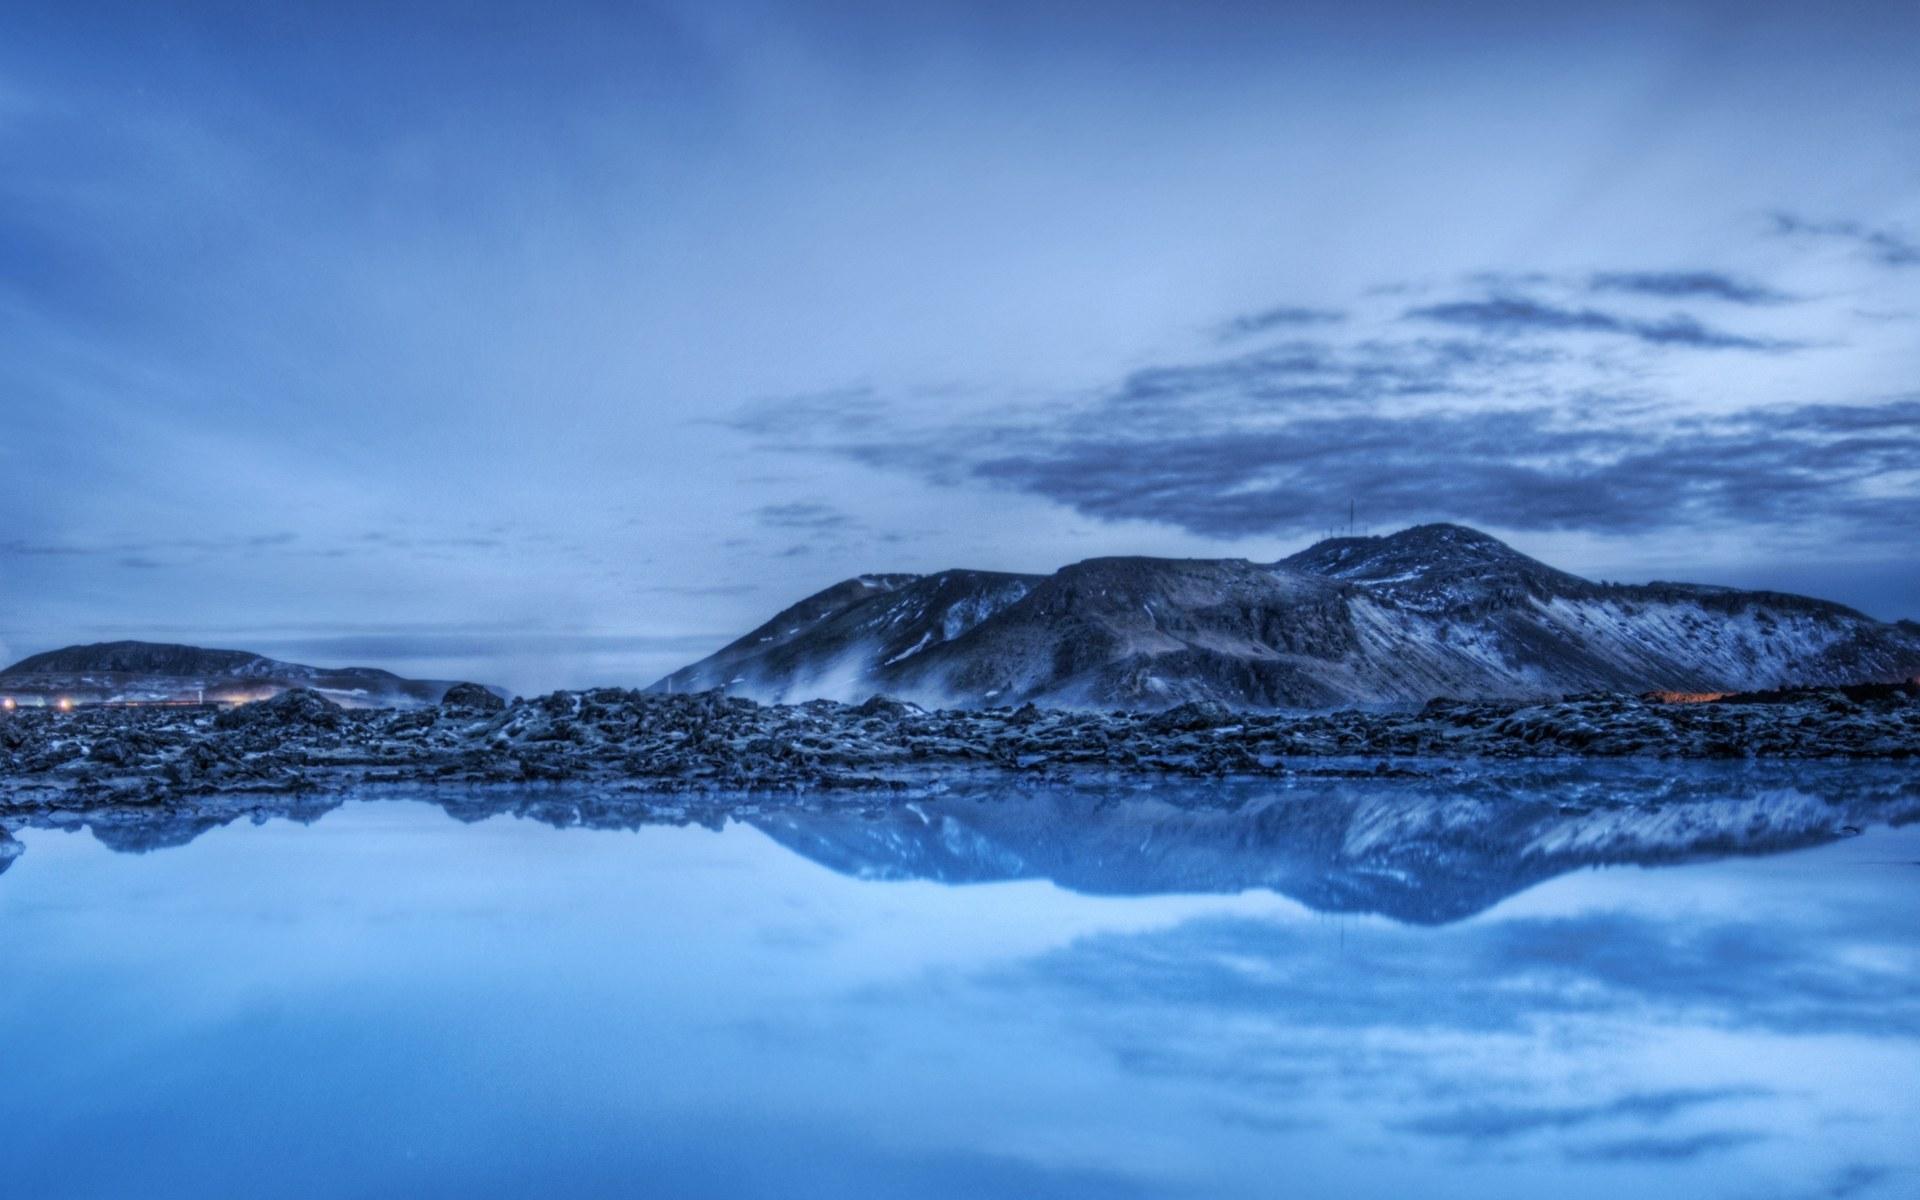 【冰岛风光10张【转载】】-【社区活动】论坛-手机乐